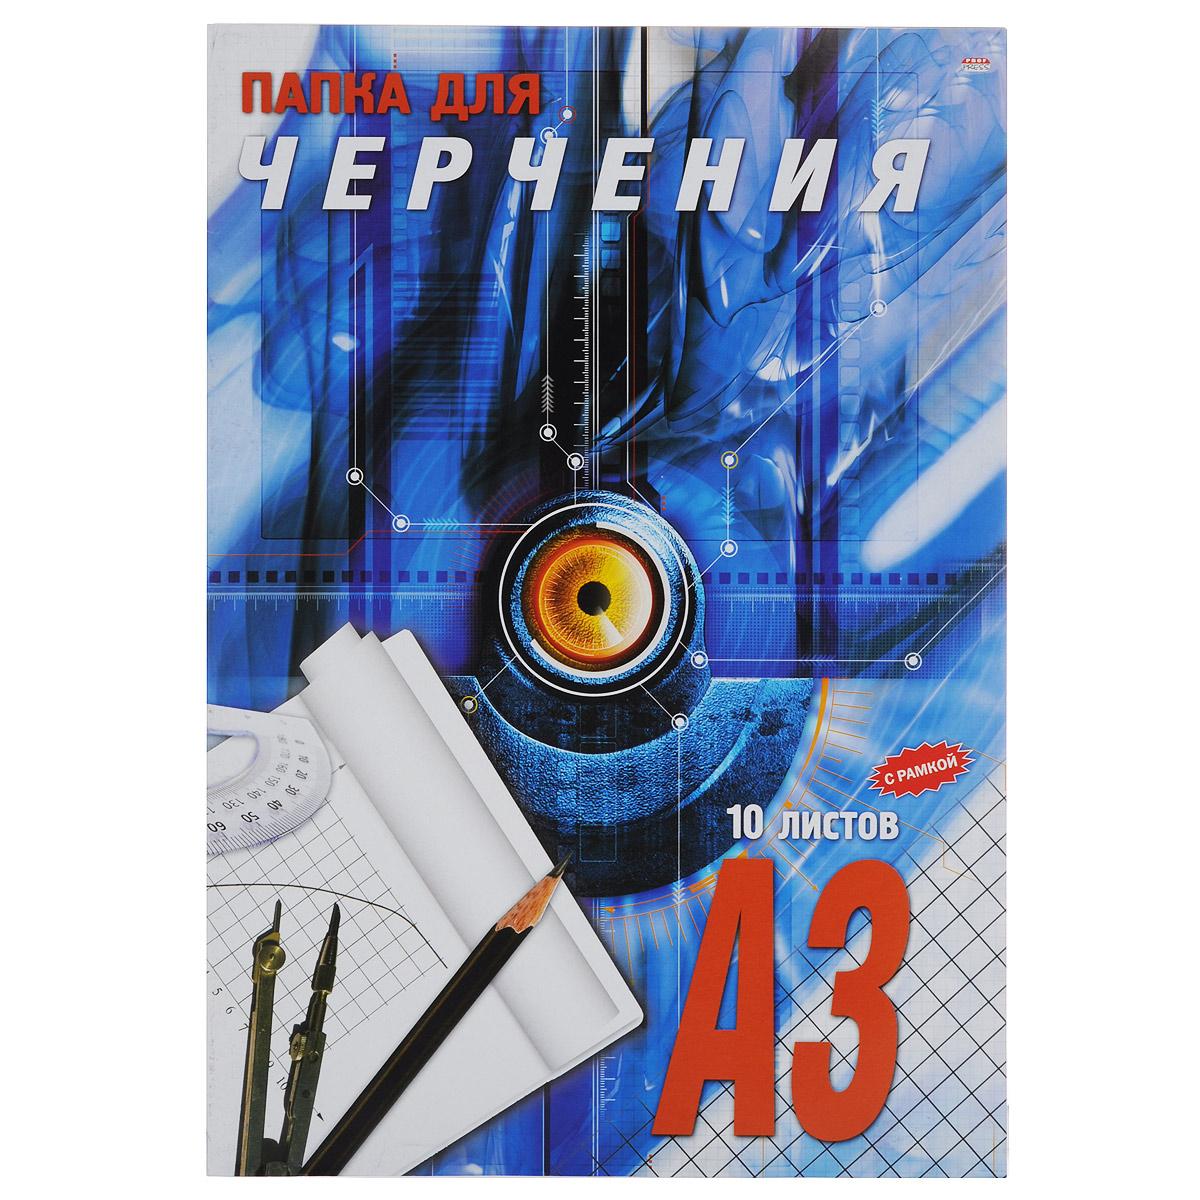 Папка для черчения Prof Press, формат А3, 10 листов апплика папка для черчения формата а3 10 листов с вертикальным штампом обложка ми 26